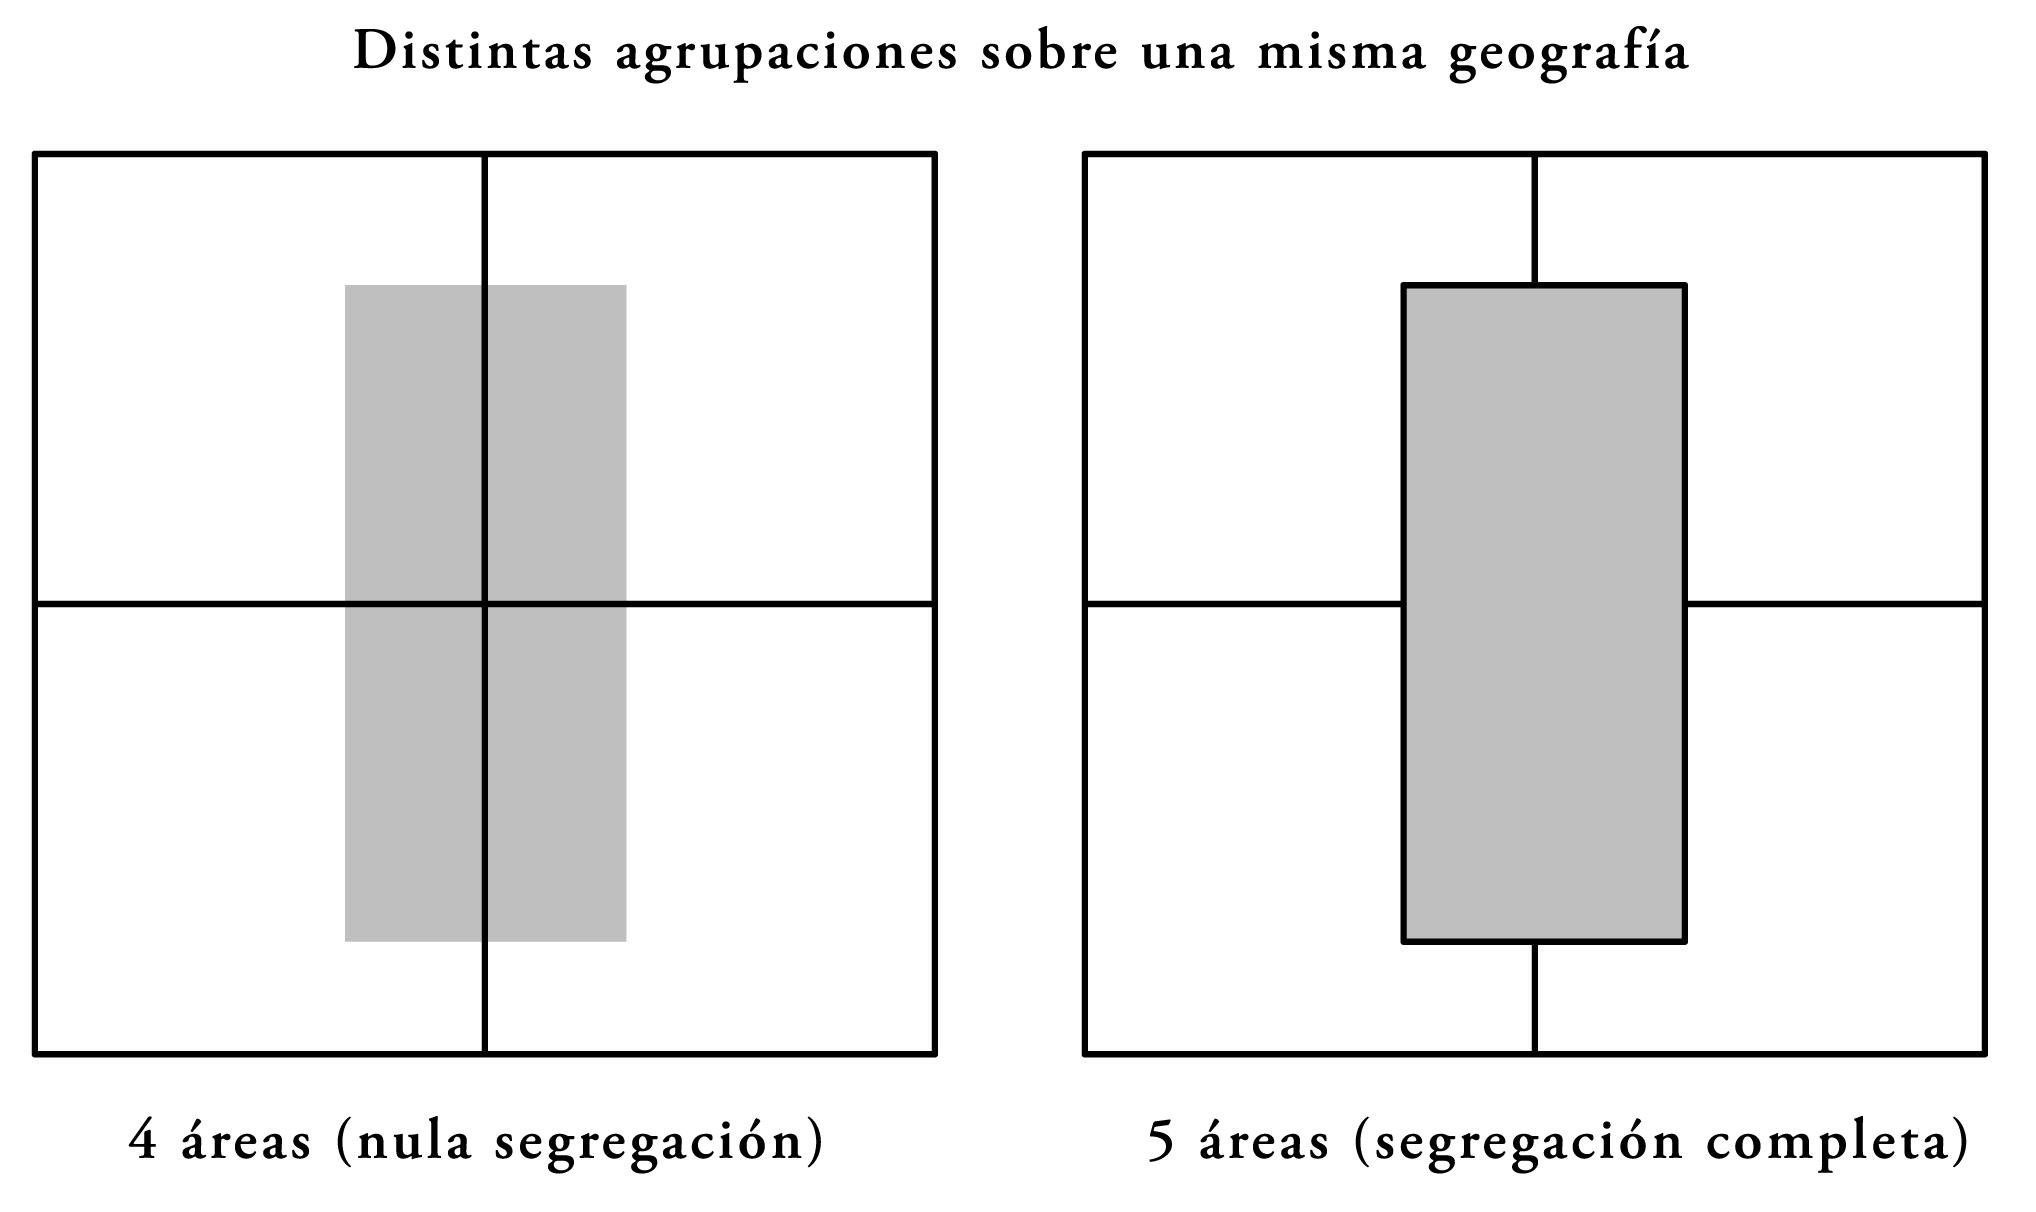 Ruiz-Tagle_López Figura 5.jpg